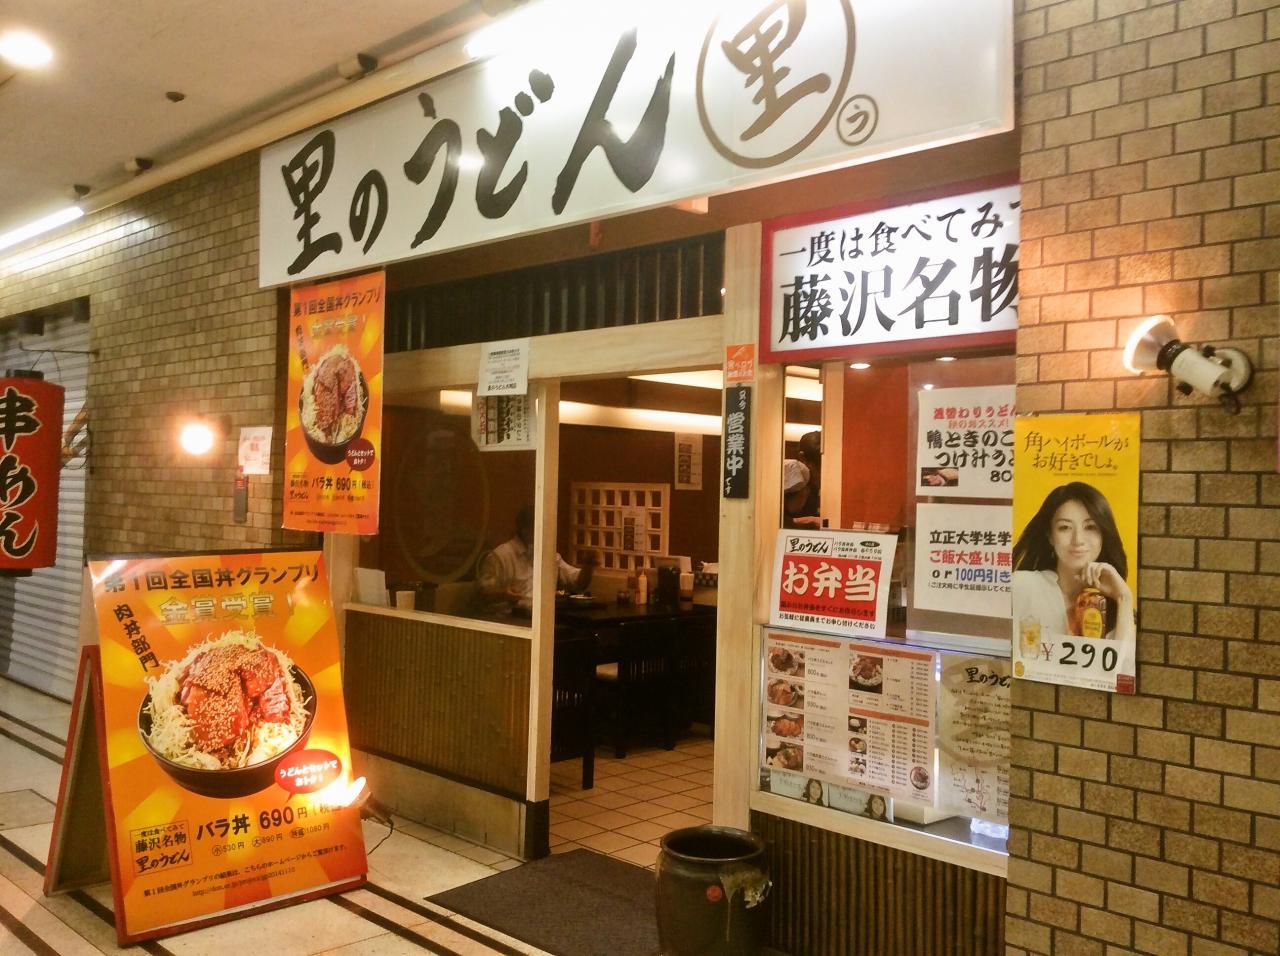 里のうどん大崎店(店舗外観)